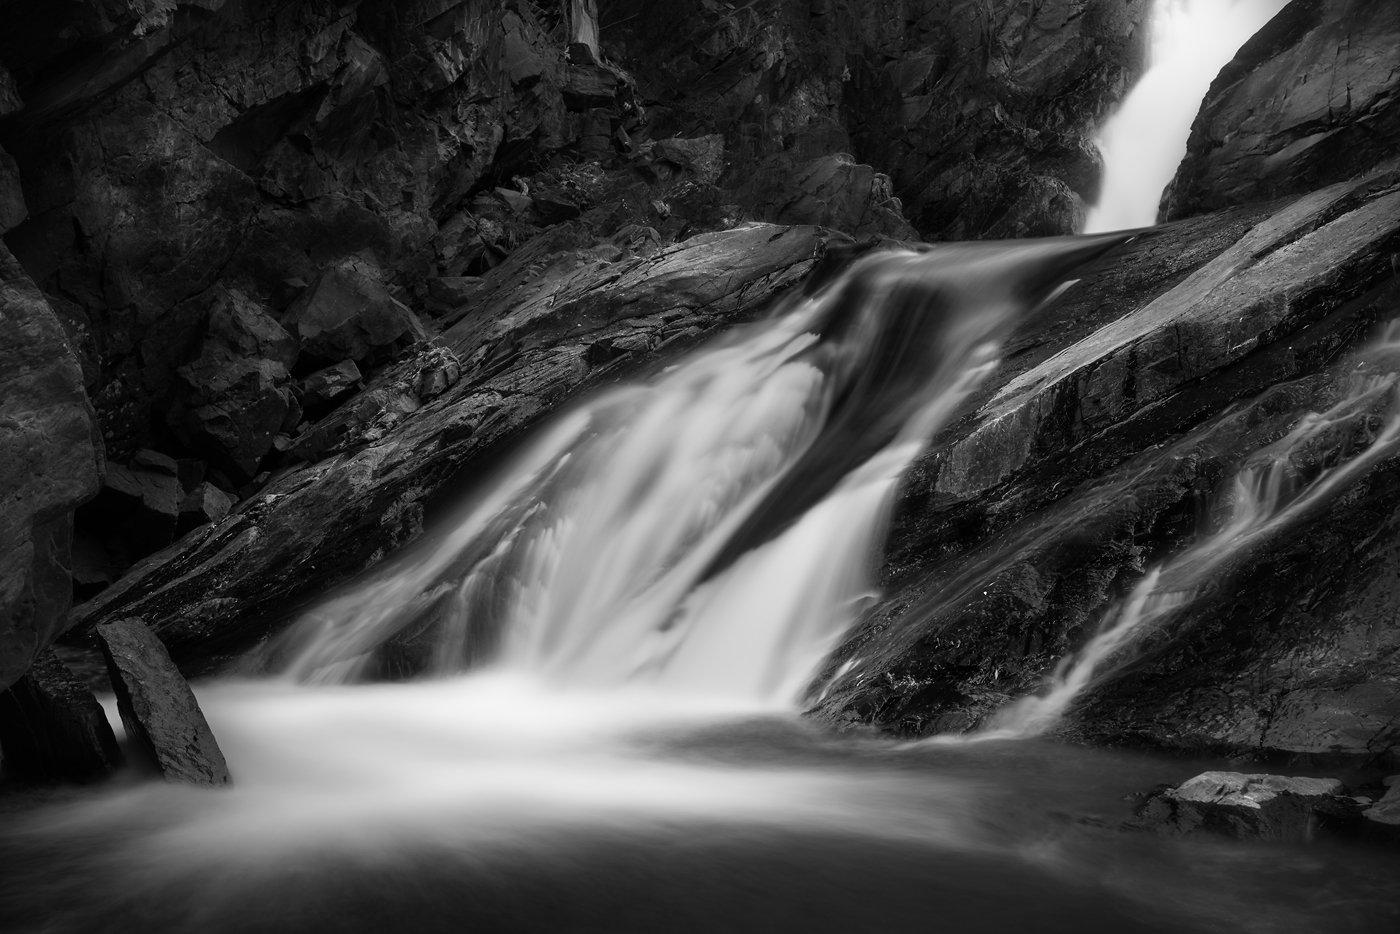 пейзаж, природа, водопад, река, речка, горная, горы, скалы, камни, поток, течение, чб, чернобелое, сибирь, алтай, кокоря, Дмитрий Антипов